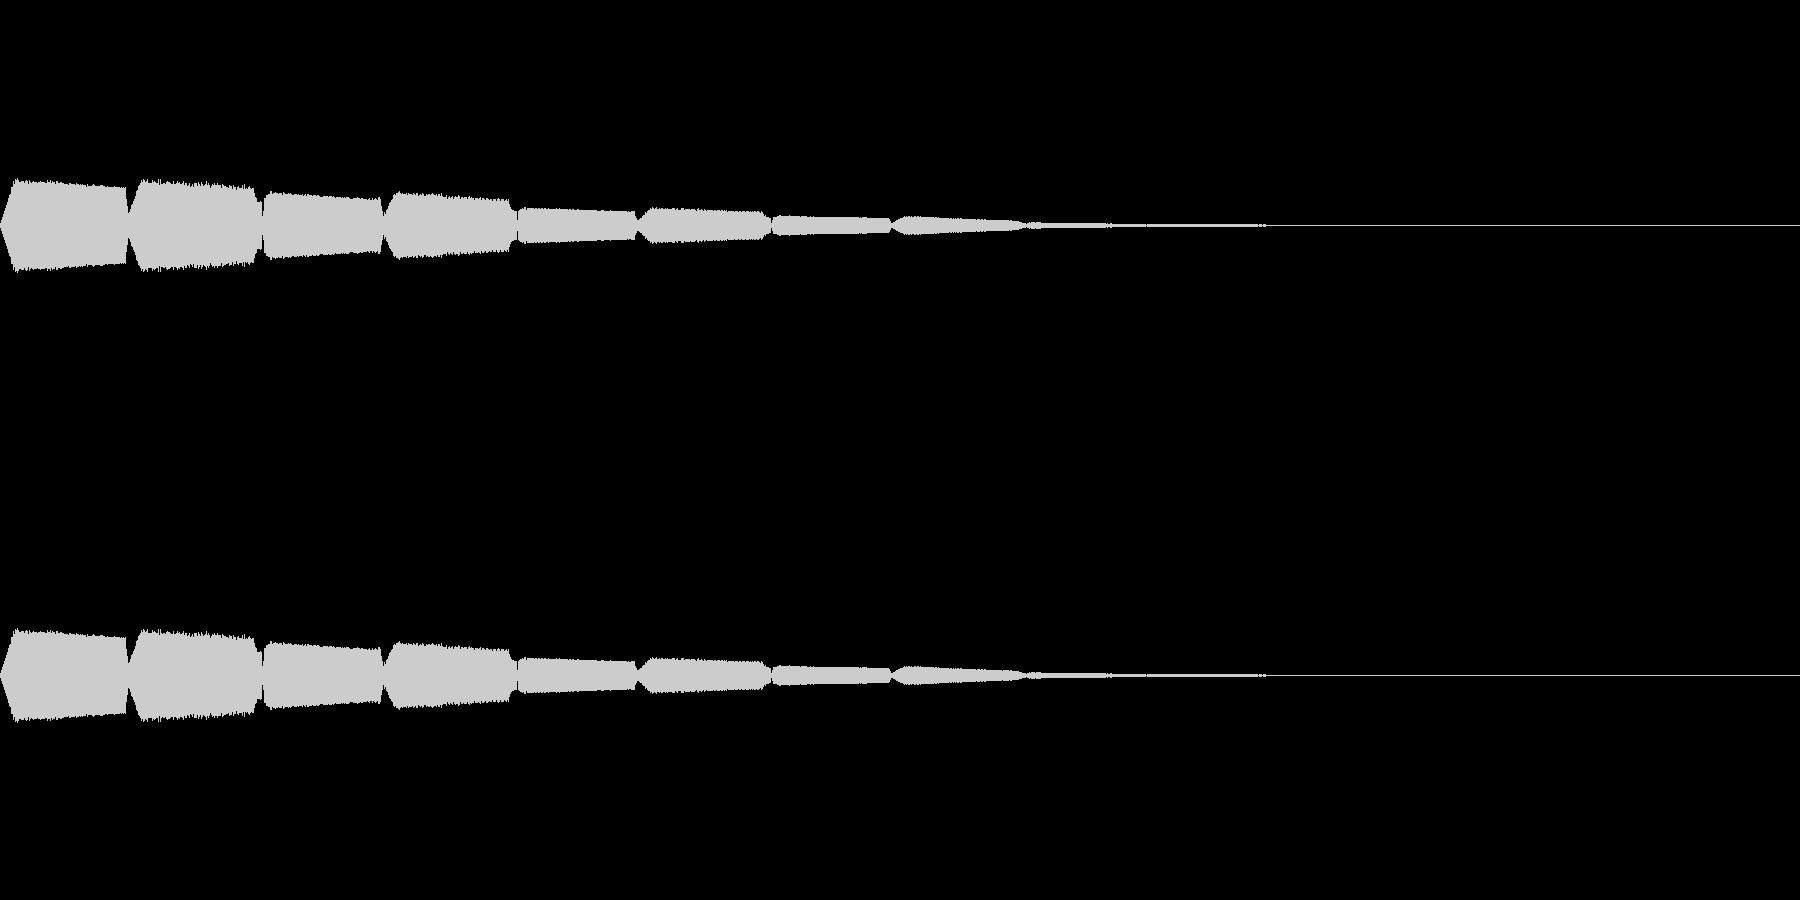 ピロピロピロ……。の未再生の波形